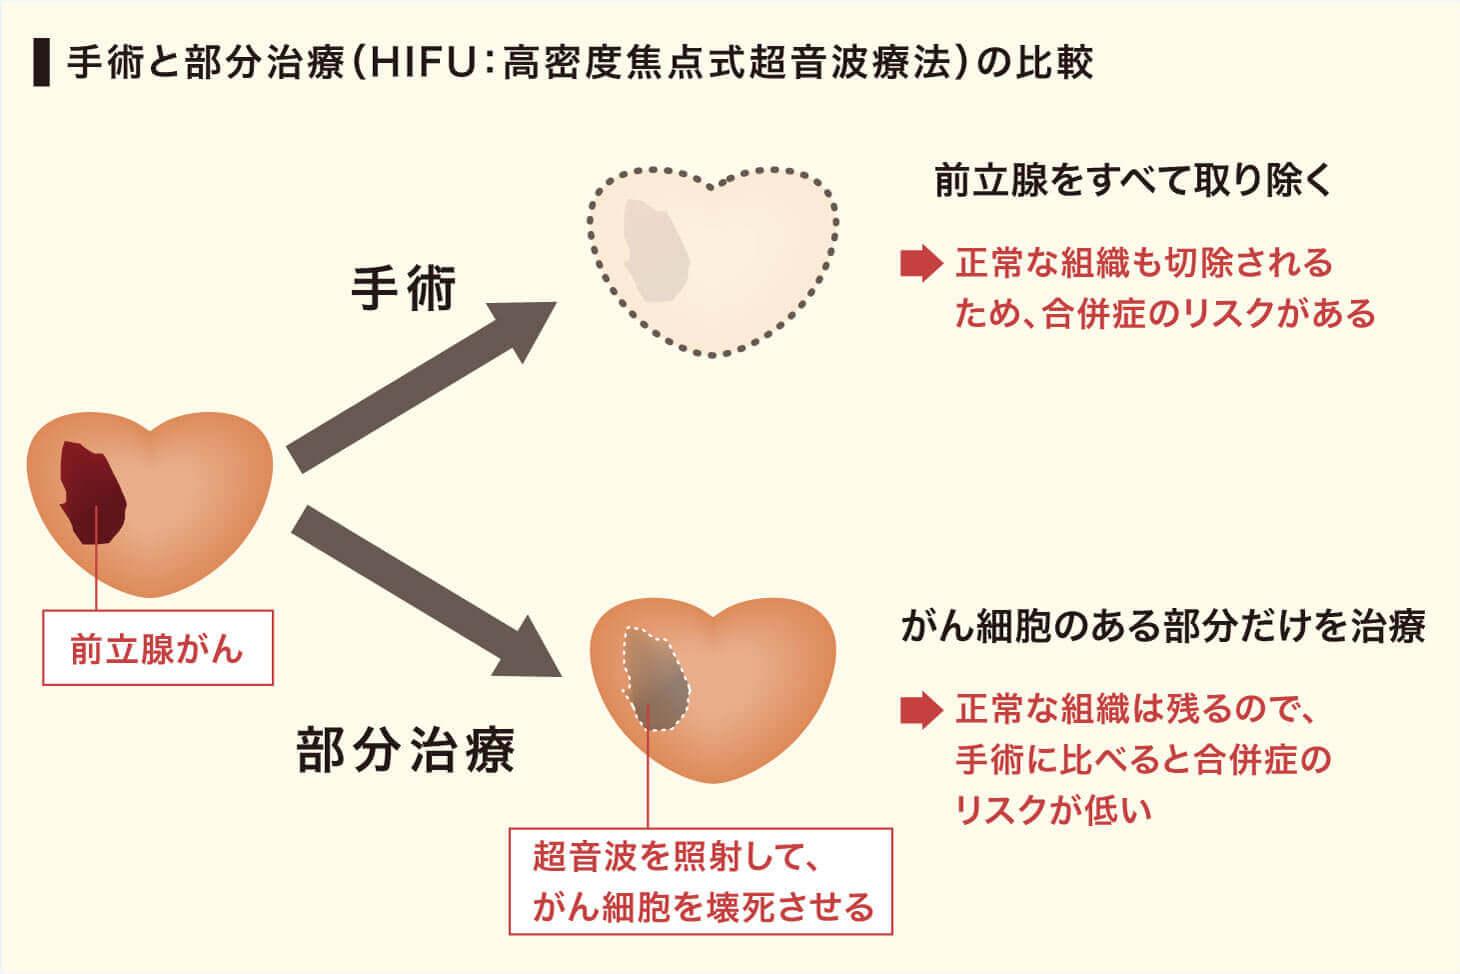 手術と部分治療(HIFU:高密度焦点式超音波療法)の比較図